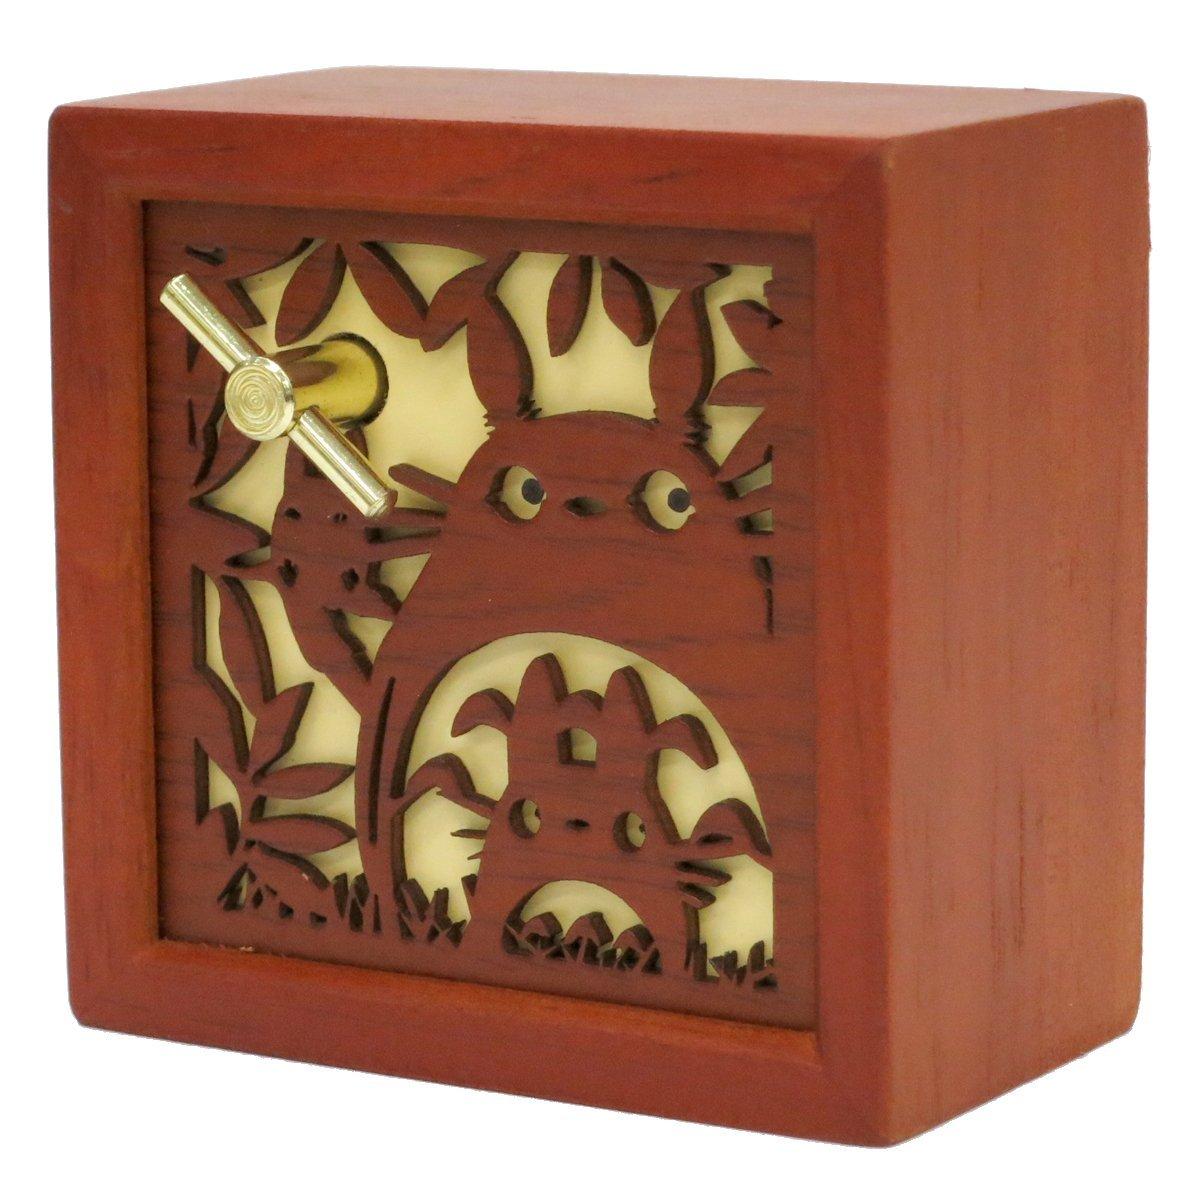 日本正版宫崎骏动画周边 龙猫音乐盒/八音盒-木质木雕盒形